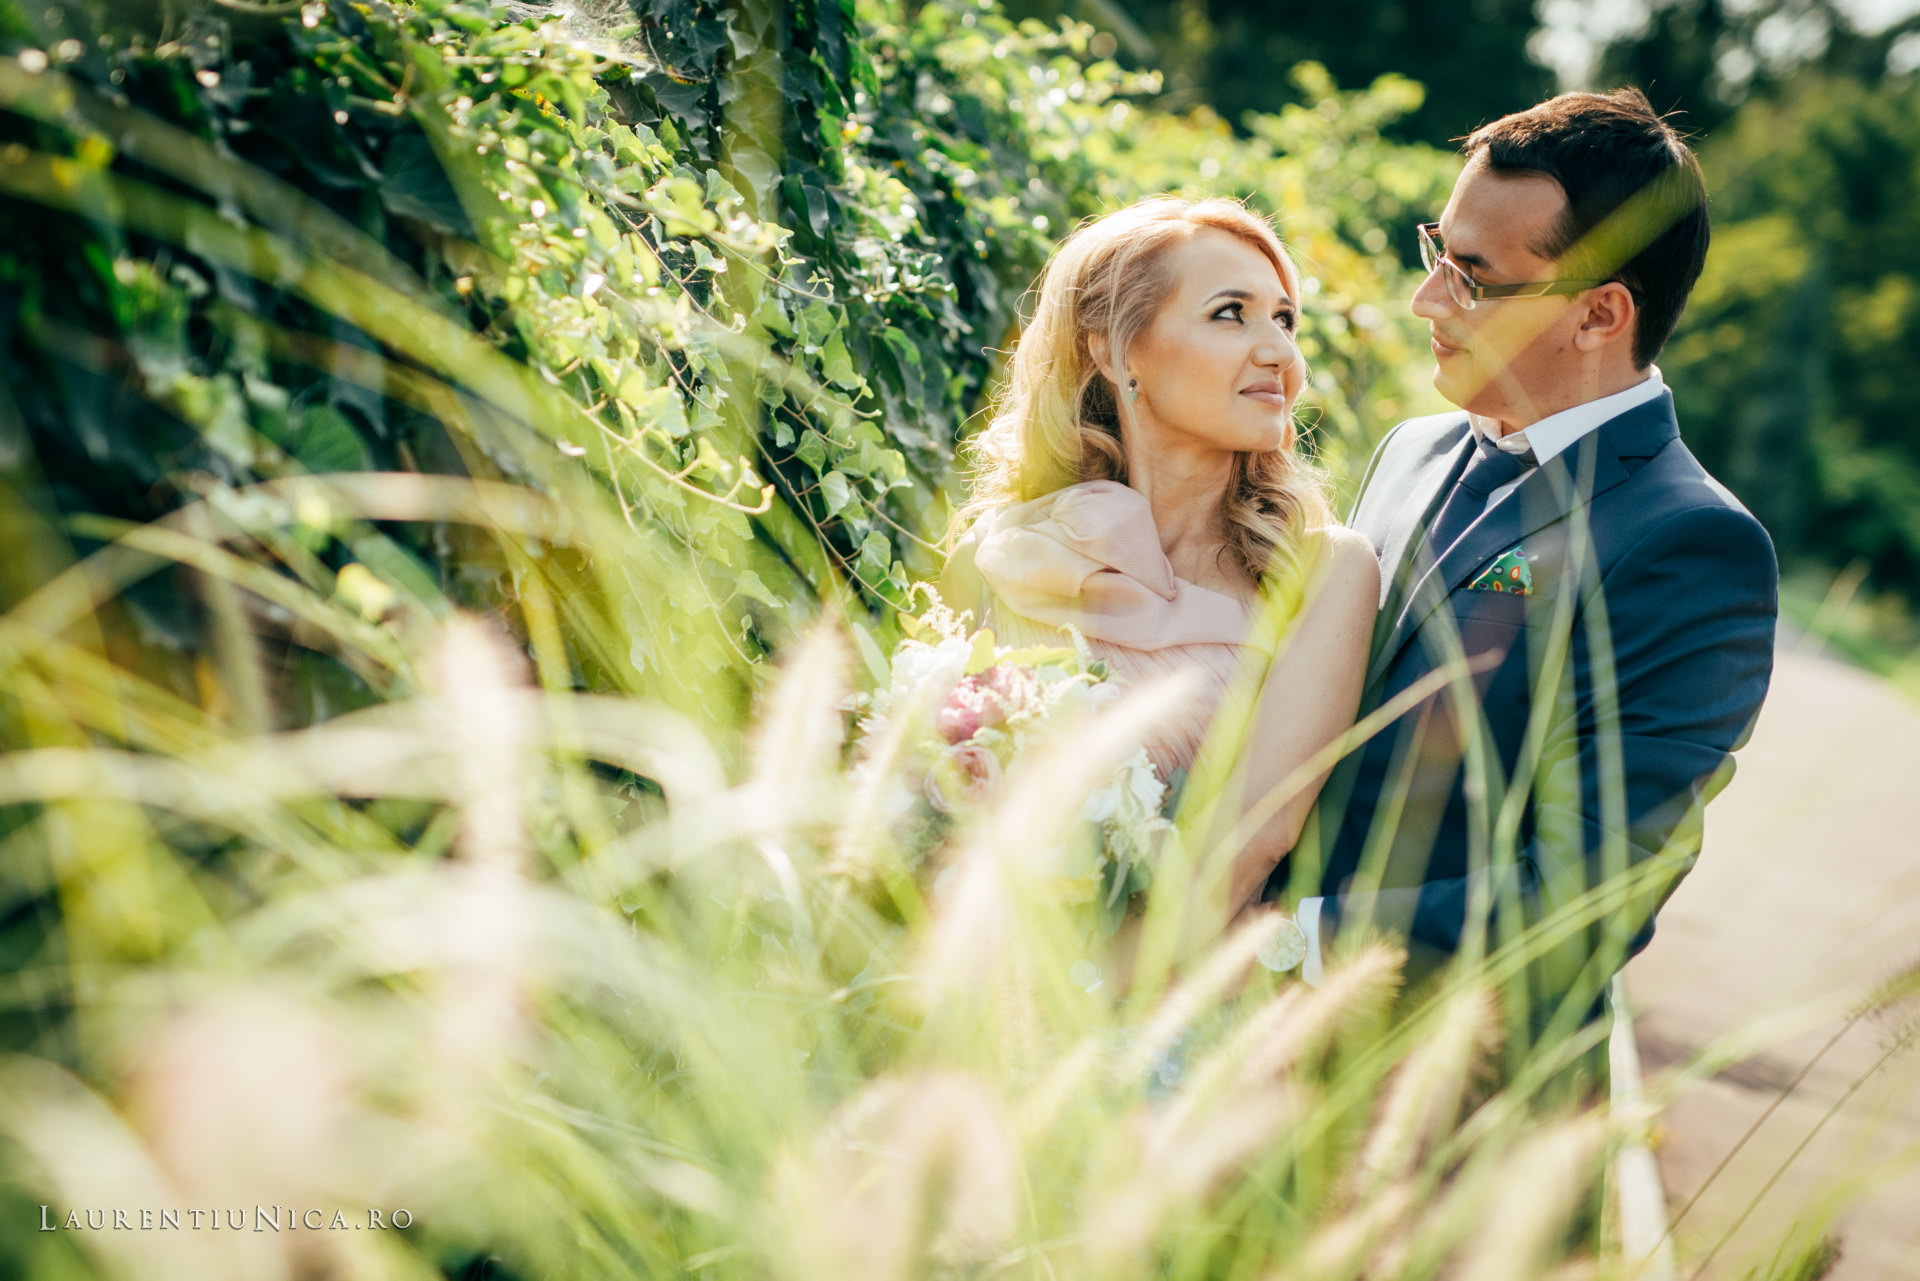 alina si razvan craiova fotograf nunta laurentiu nica15 - Alina & Razvan | Fotografii nunta